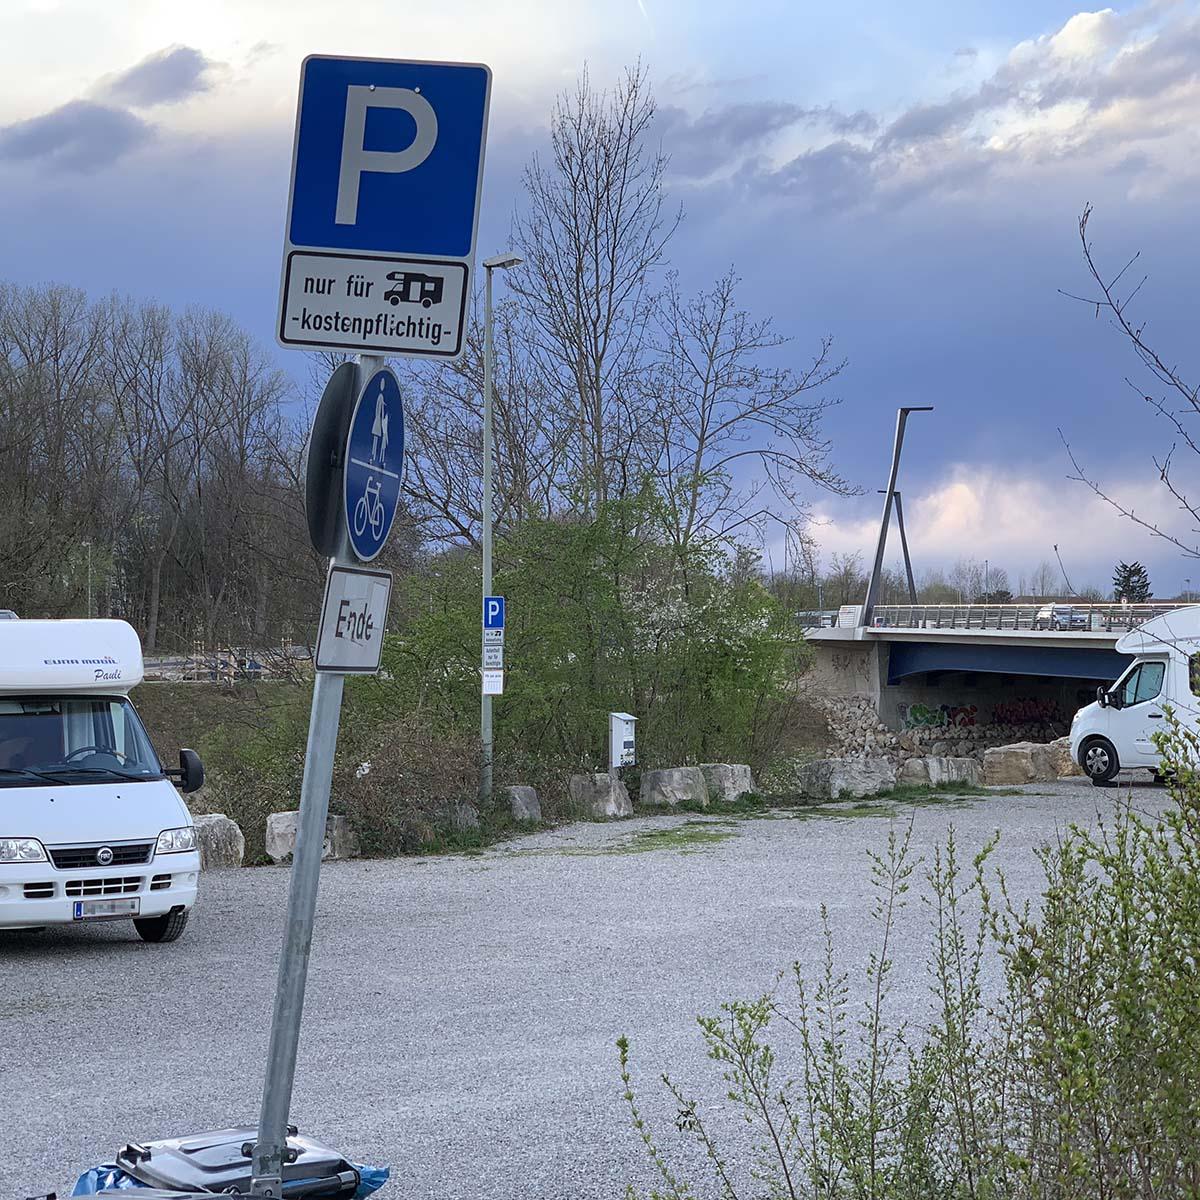 Wohnmobilisten Stellplätze Wertach Sportanlage Süd Messe Reese Park Wohnmobil Urlaub Tourismus Verkehr PRO AUGSBURG Antrag Foto Andreas Zilse